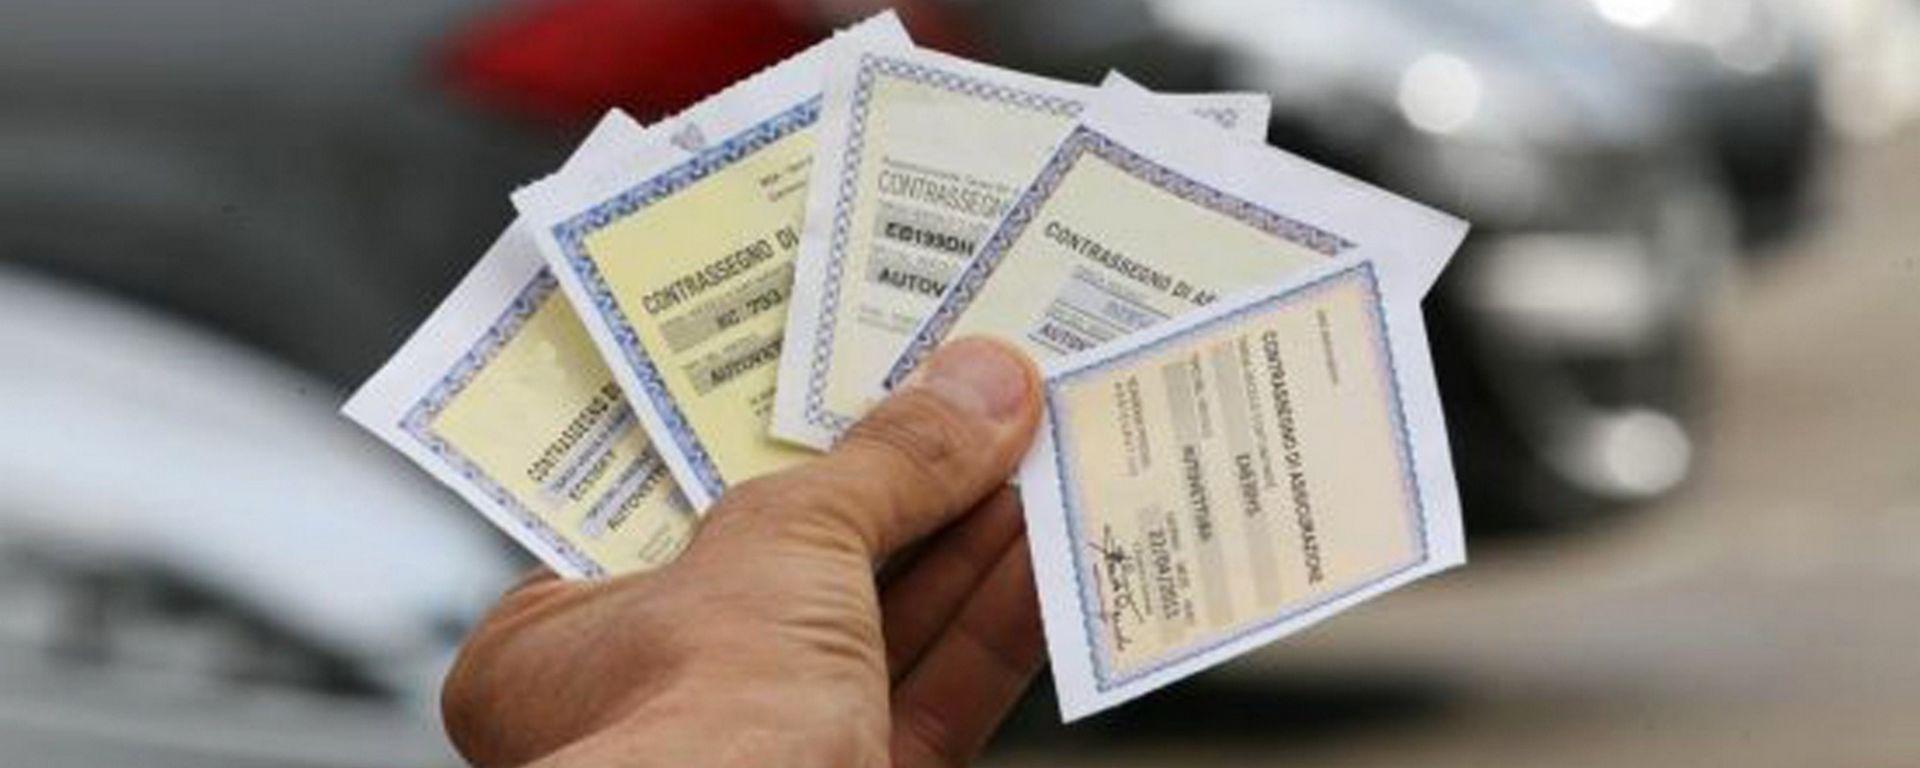 Assicurazione, il tacito rinnovo non riguarderà l'RC Auto